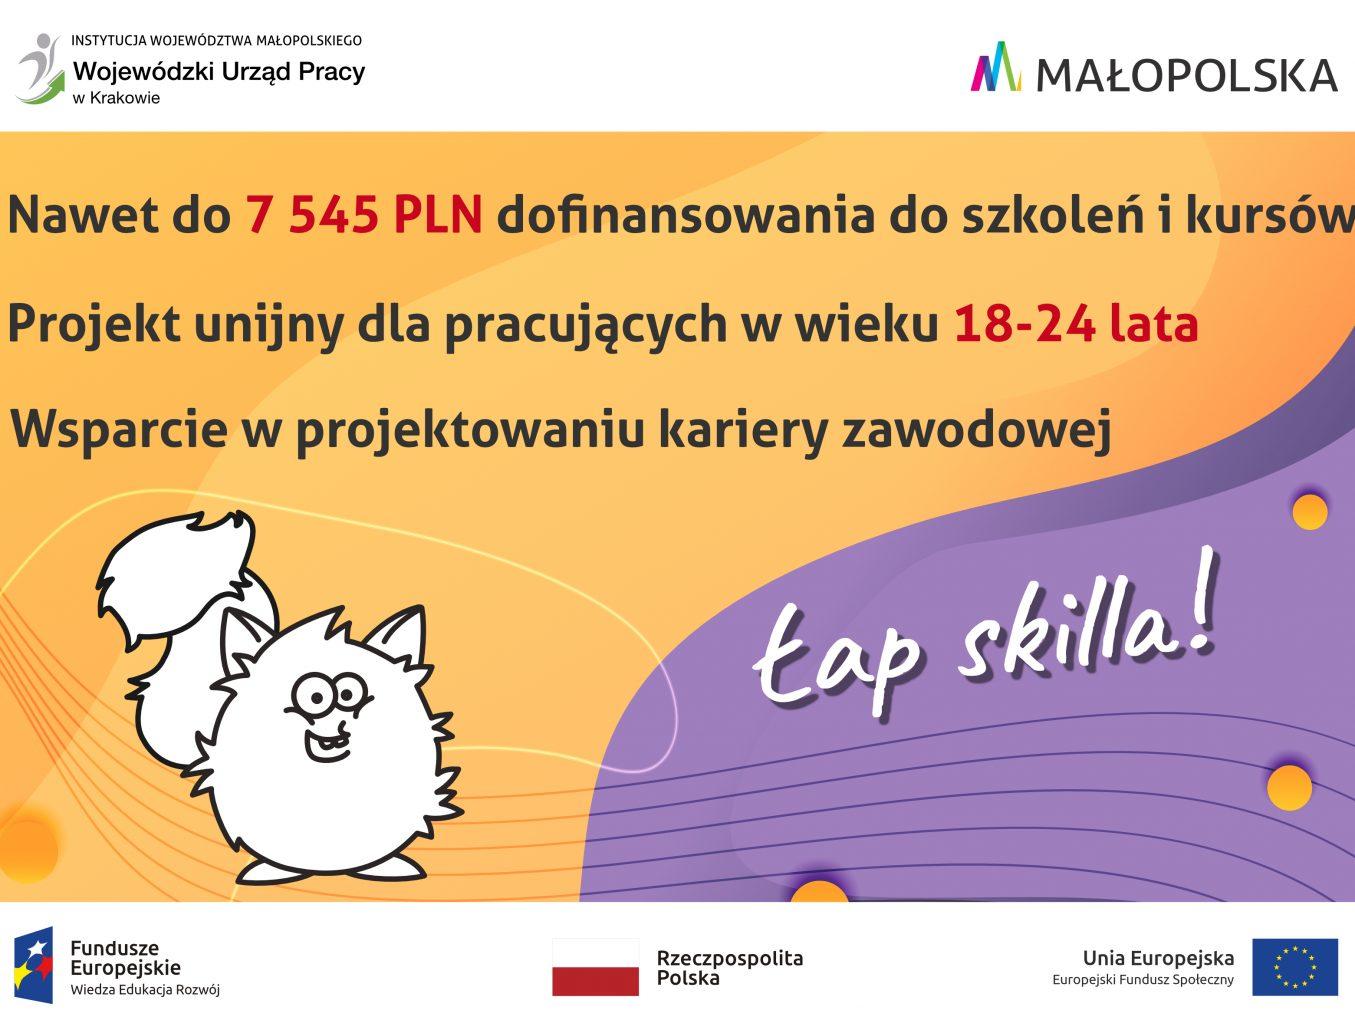 Informujemy, że 01.07.2021 ruszyła II tura rekrutacji do projektu Wojewódzkiego Urzędu Pracy pn. Łap skilla! .